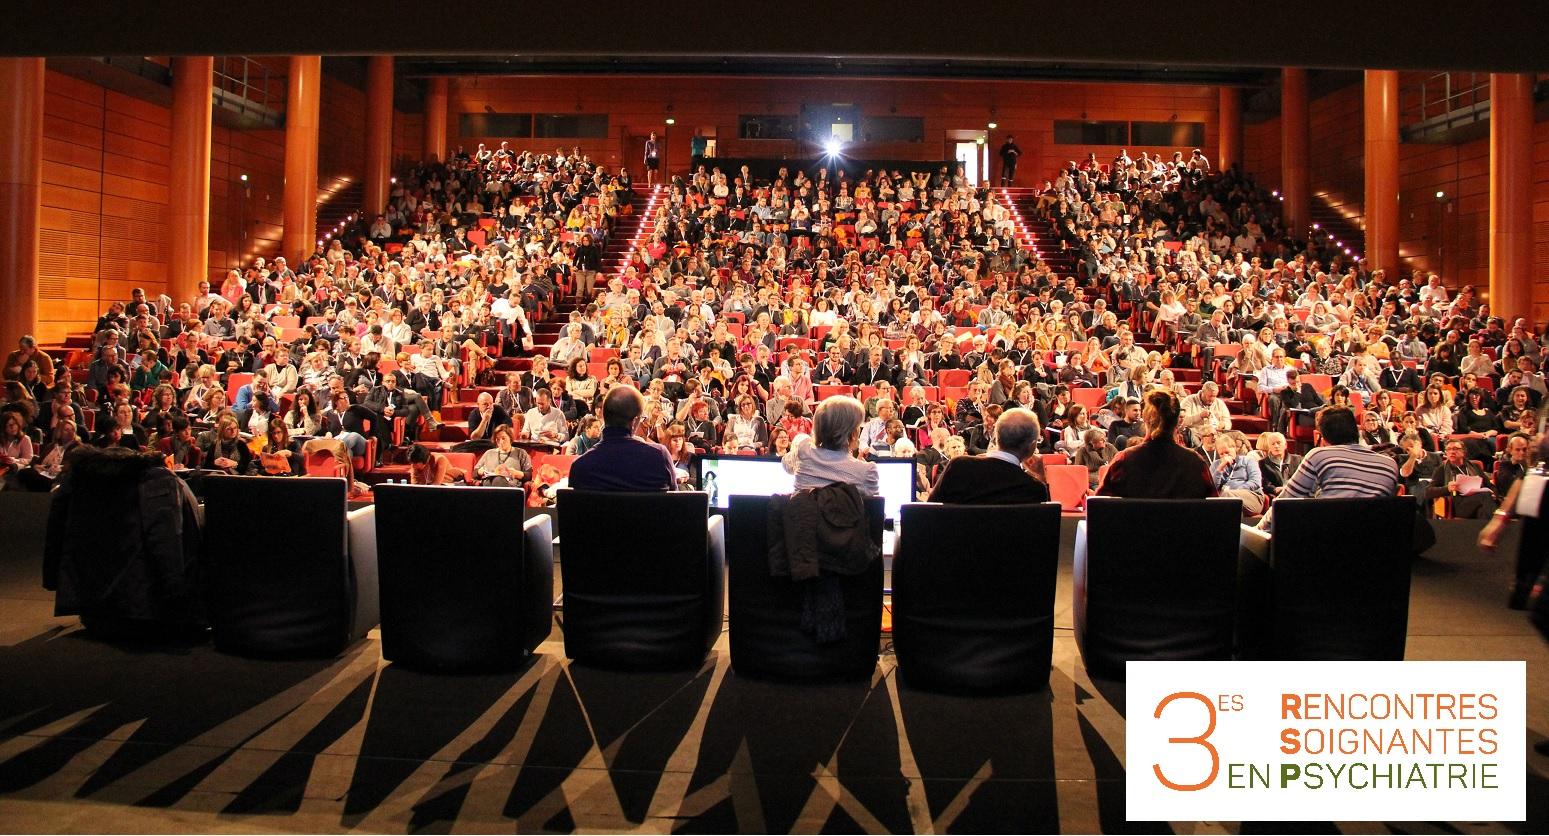 Plus de 800 soignants aux 3es Rencontres Soignantes en Psychiatrie !